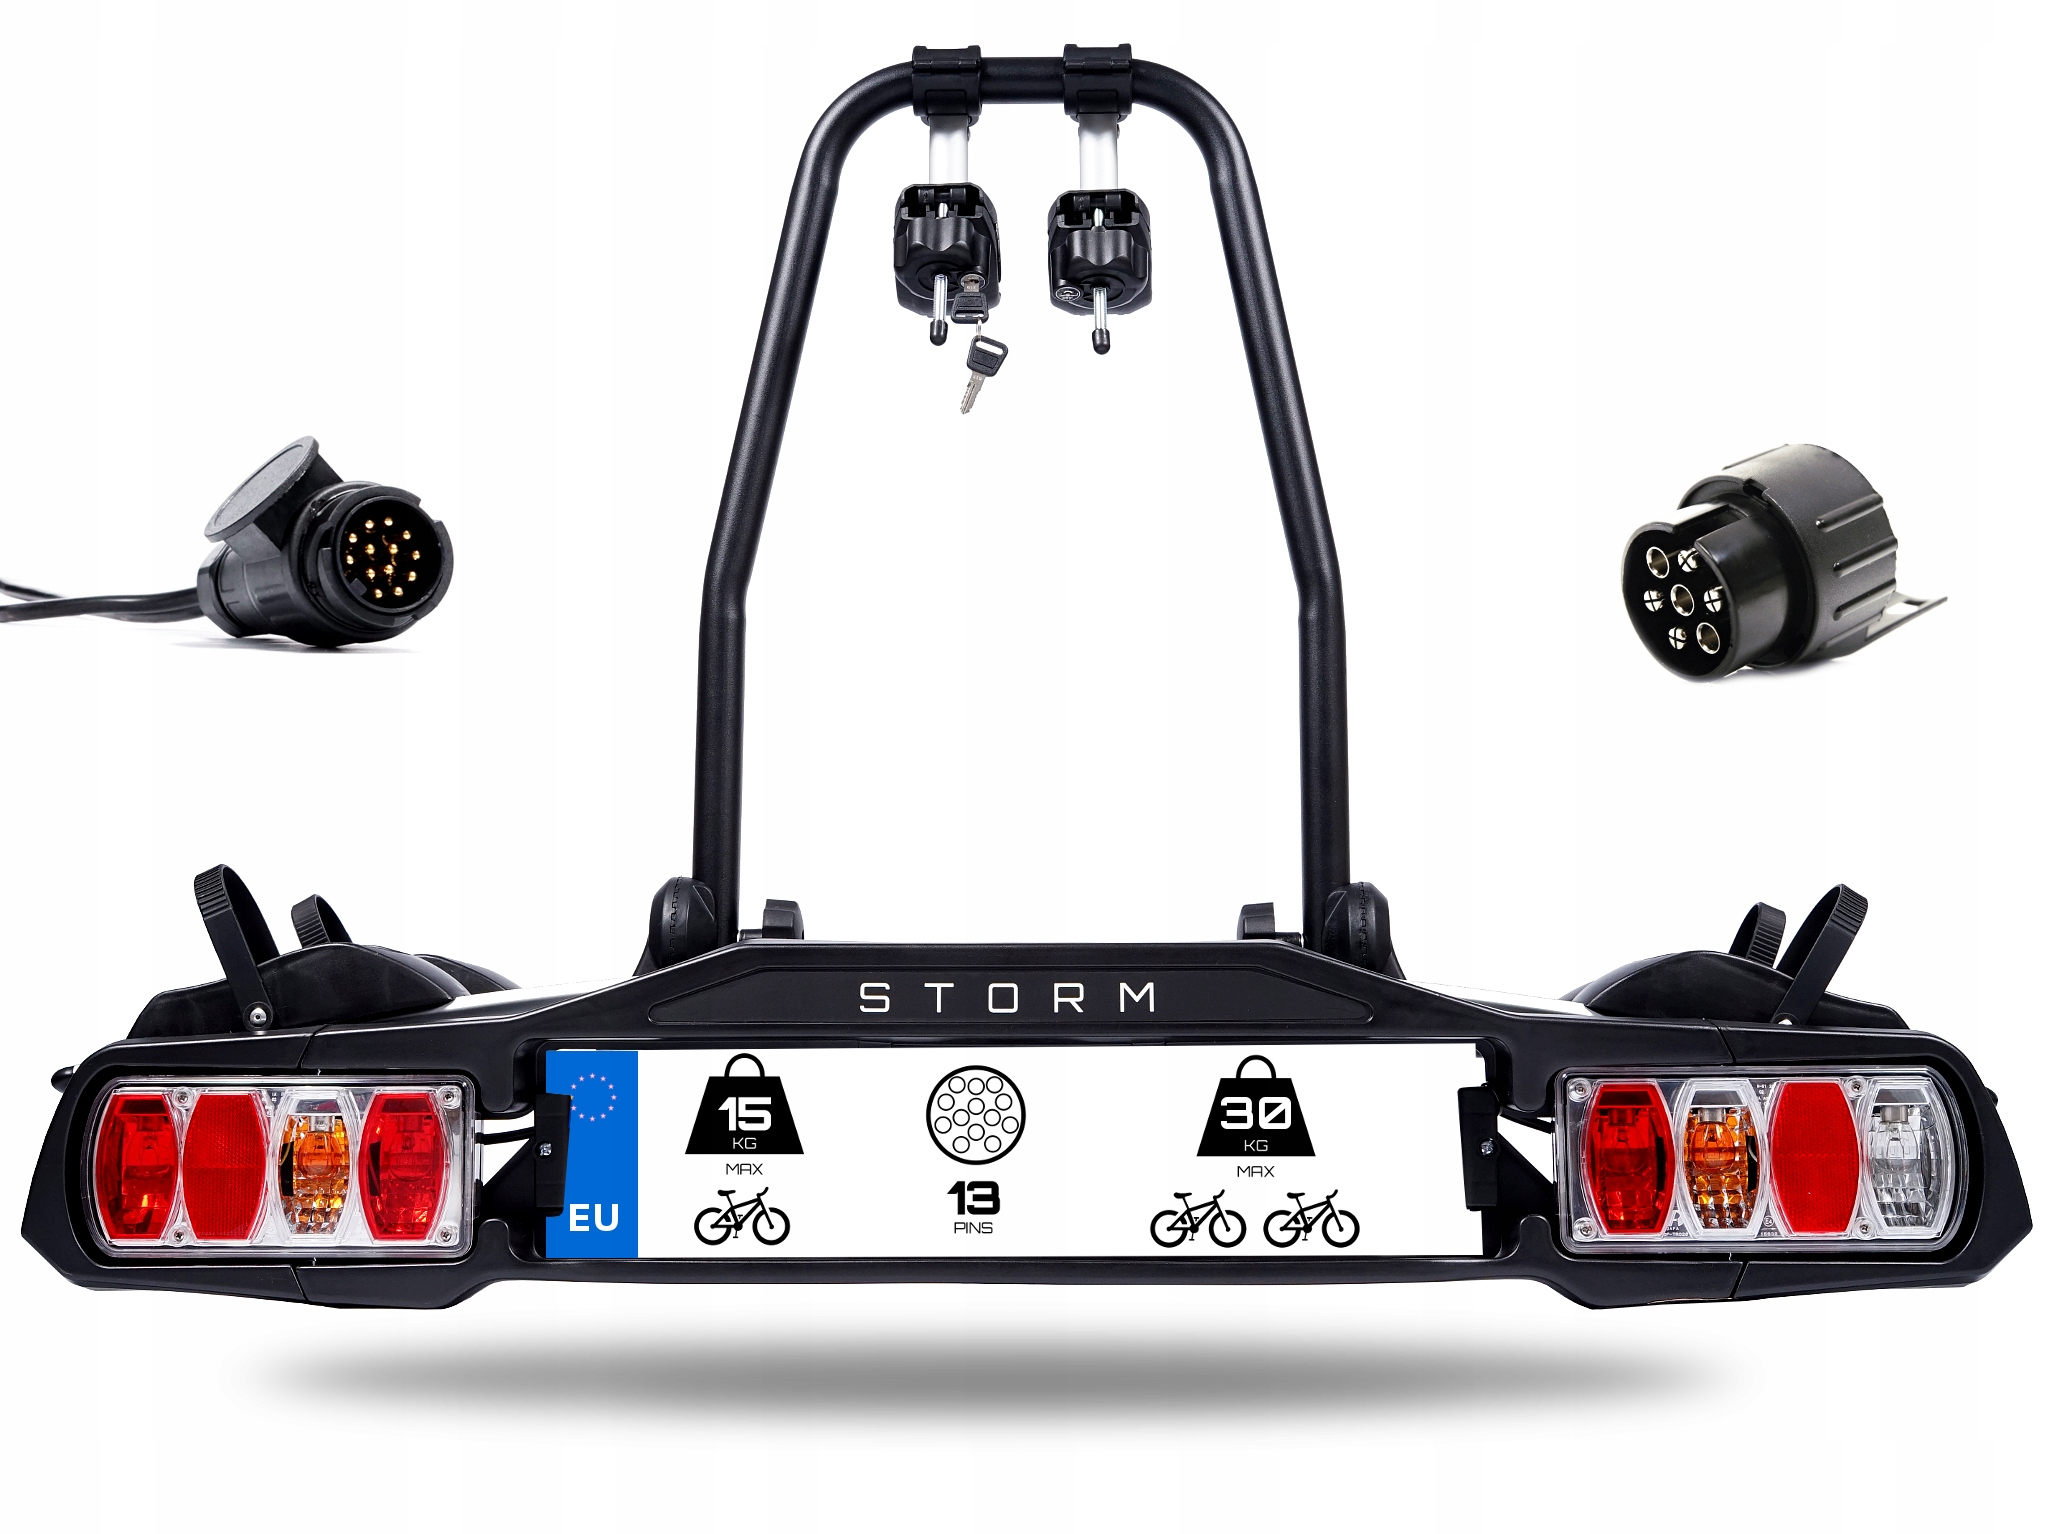 ШТОРМ 2 - Багажник, велосипедный держатель для крючка на 2 велосипеда